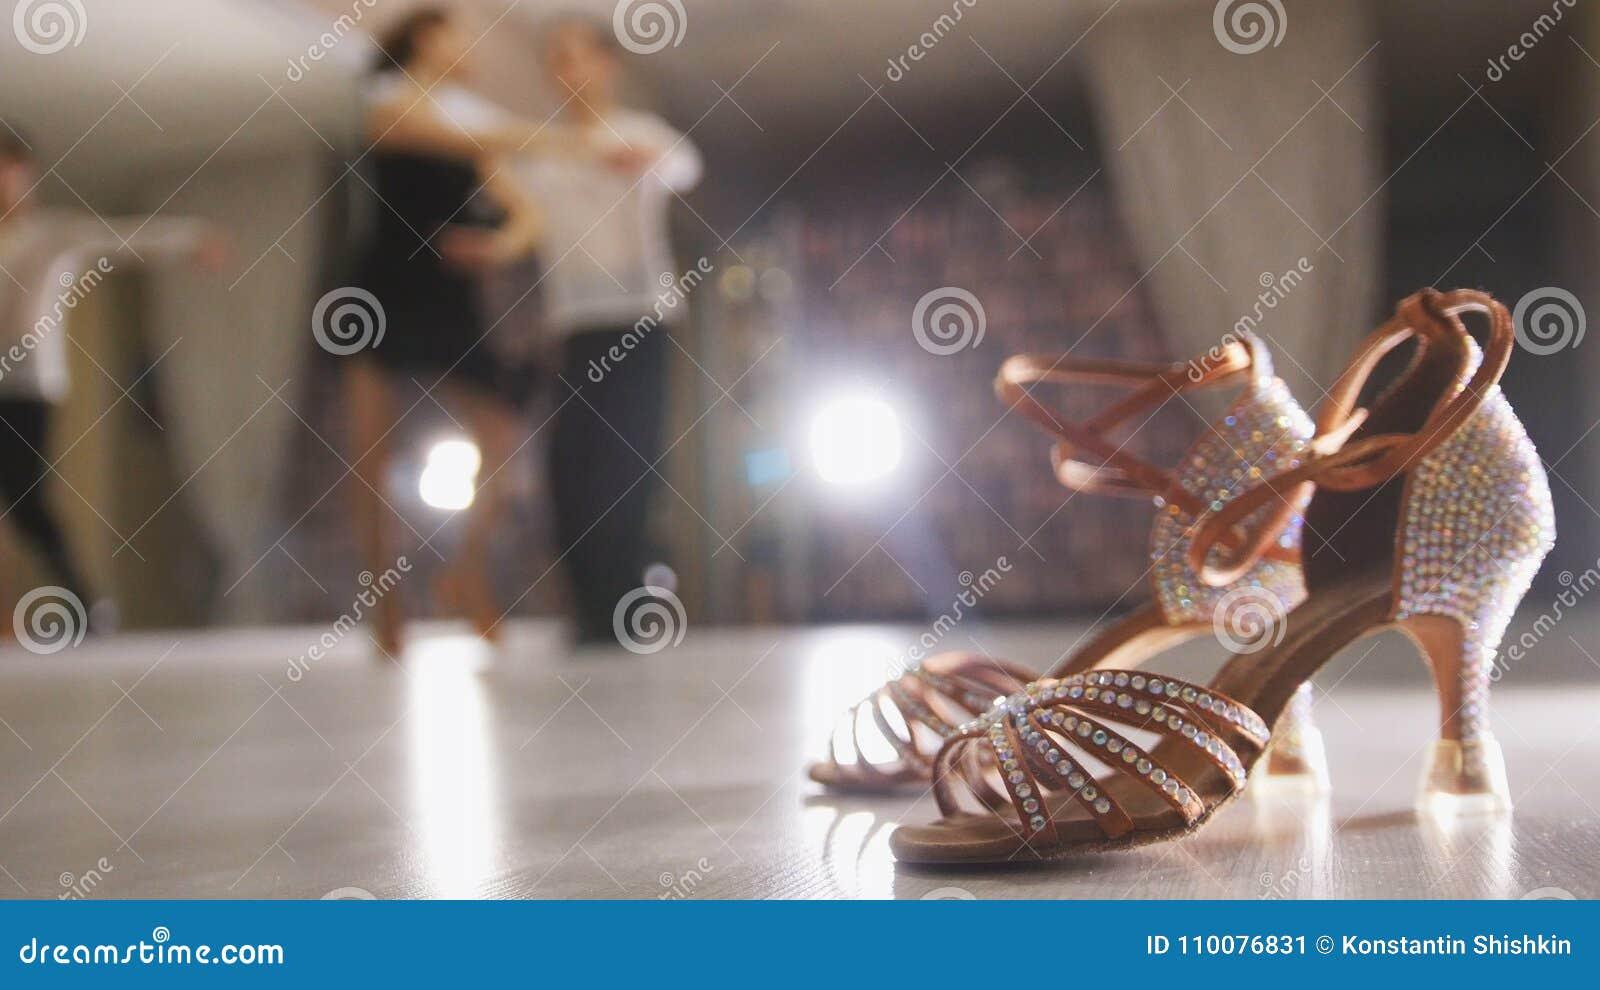 La Profesional Y Borrosa Latina Danza Baile Hombre Del De Mujer 3R5j4LA